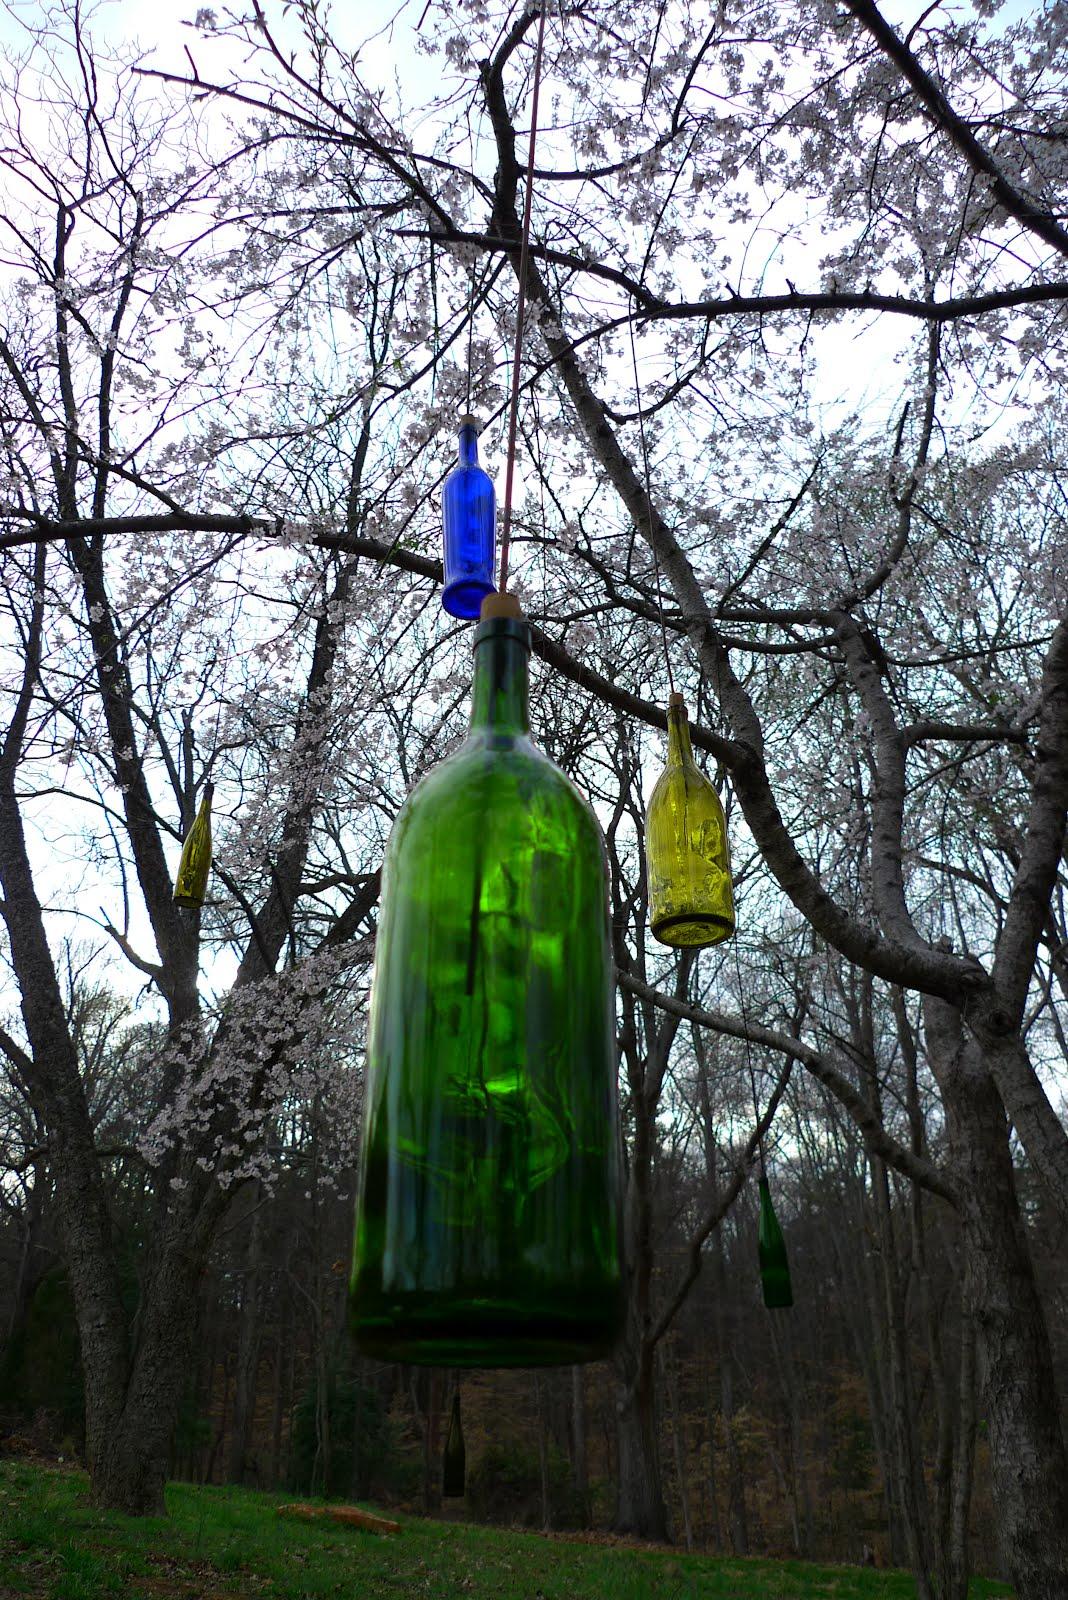 Robert Oren Eades Outsider Art: Hanging Bottles